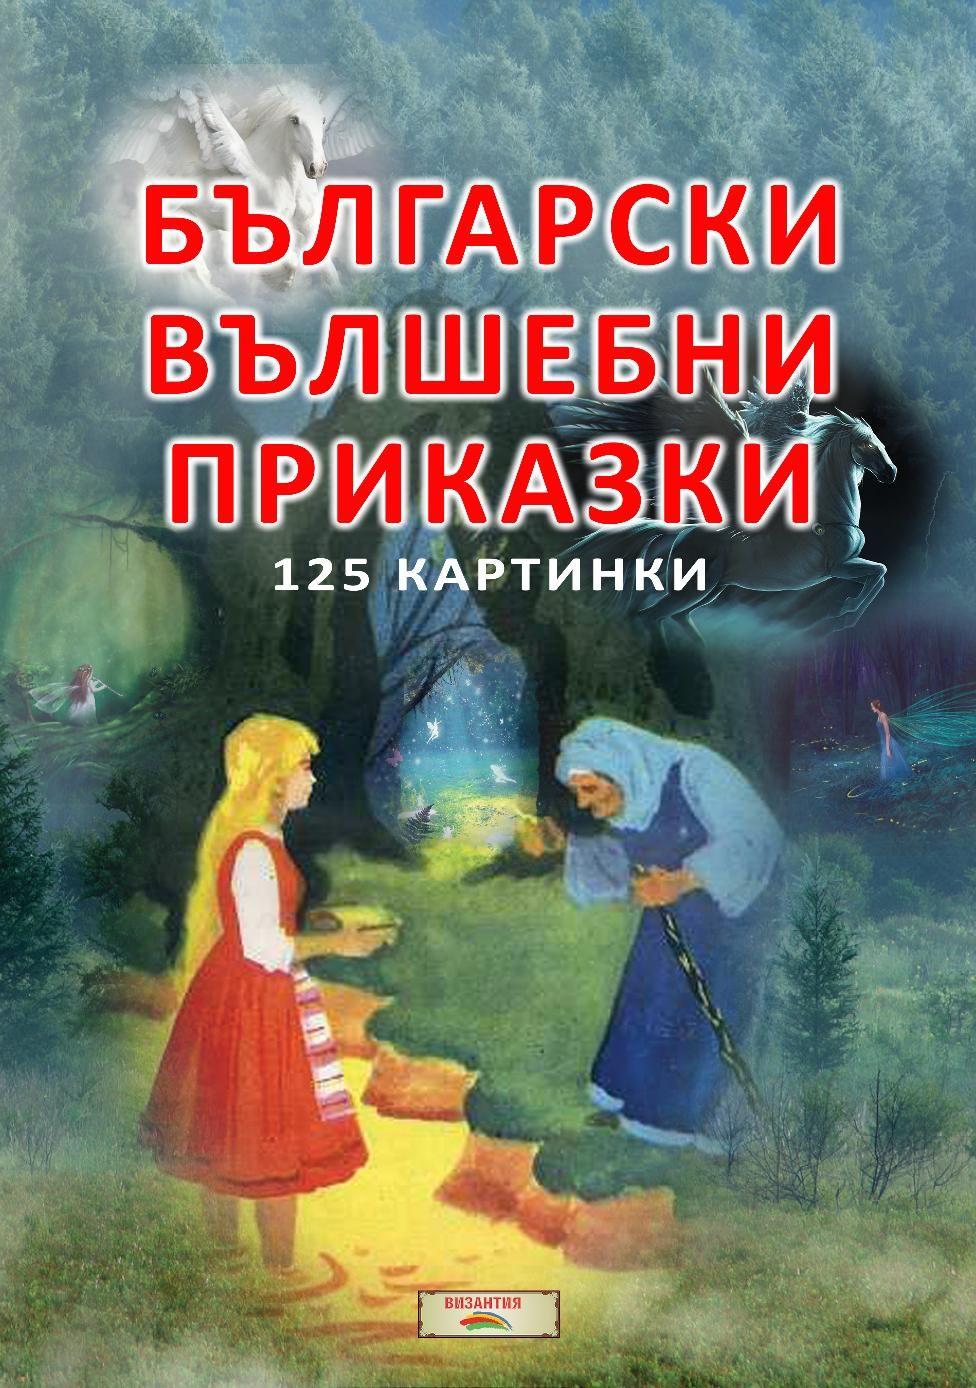 Български вълшебни приказки (Византия) - 1